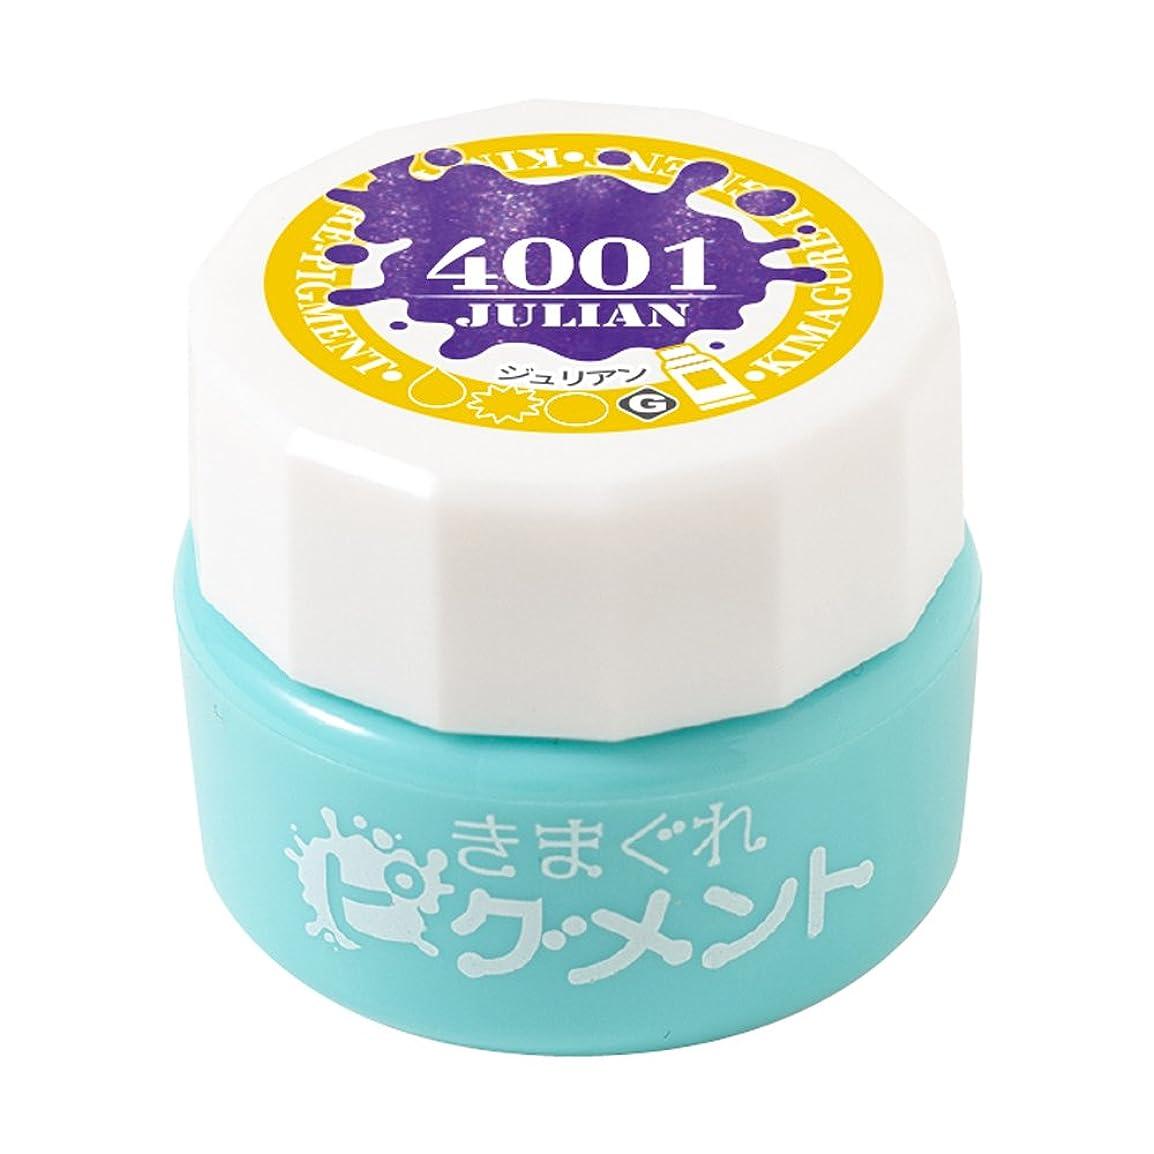 キャスト熱帯の文化Bettygel きまぐれピグメント ジュリアン QYJ-4001 4g UV/LED対応